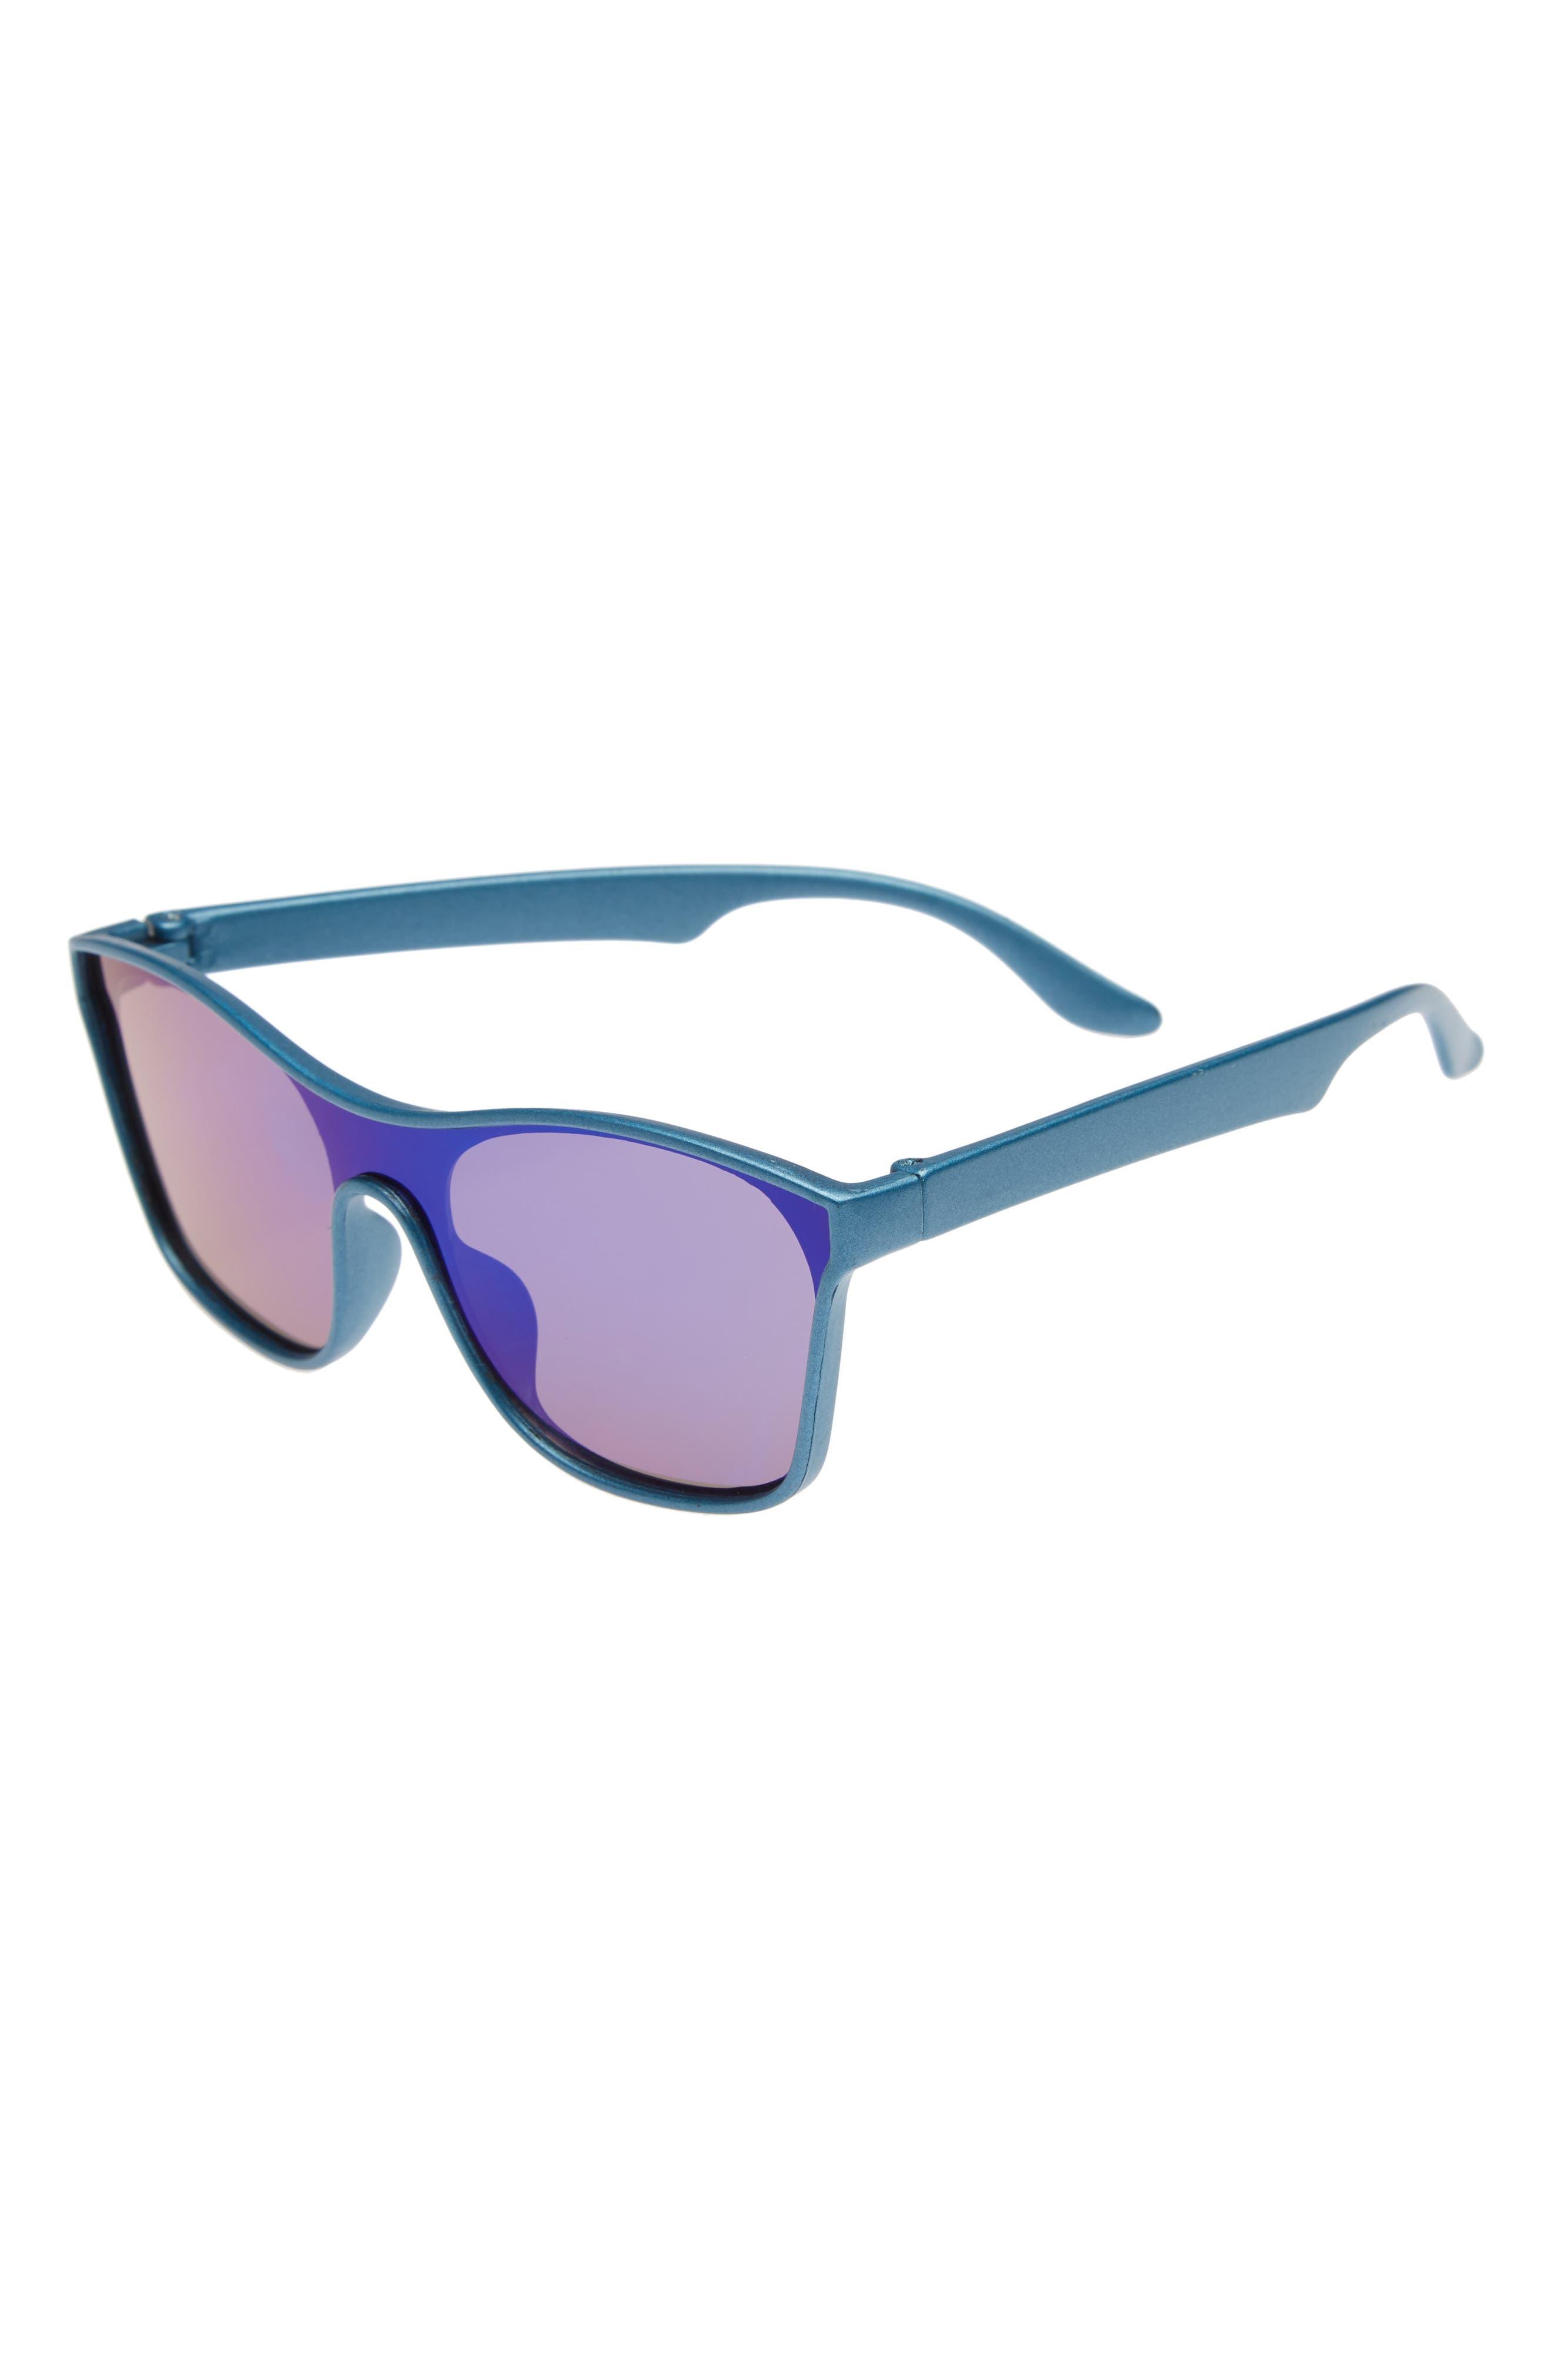 Mirrored Sunglasses,                         Main,                         color, Blue Mirror